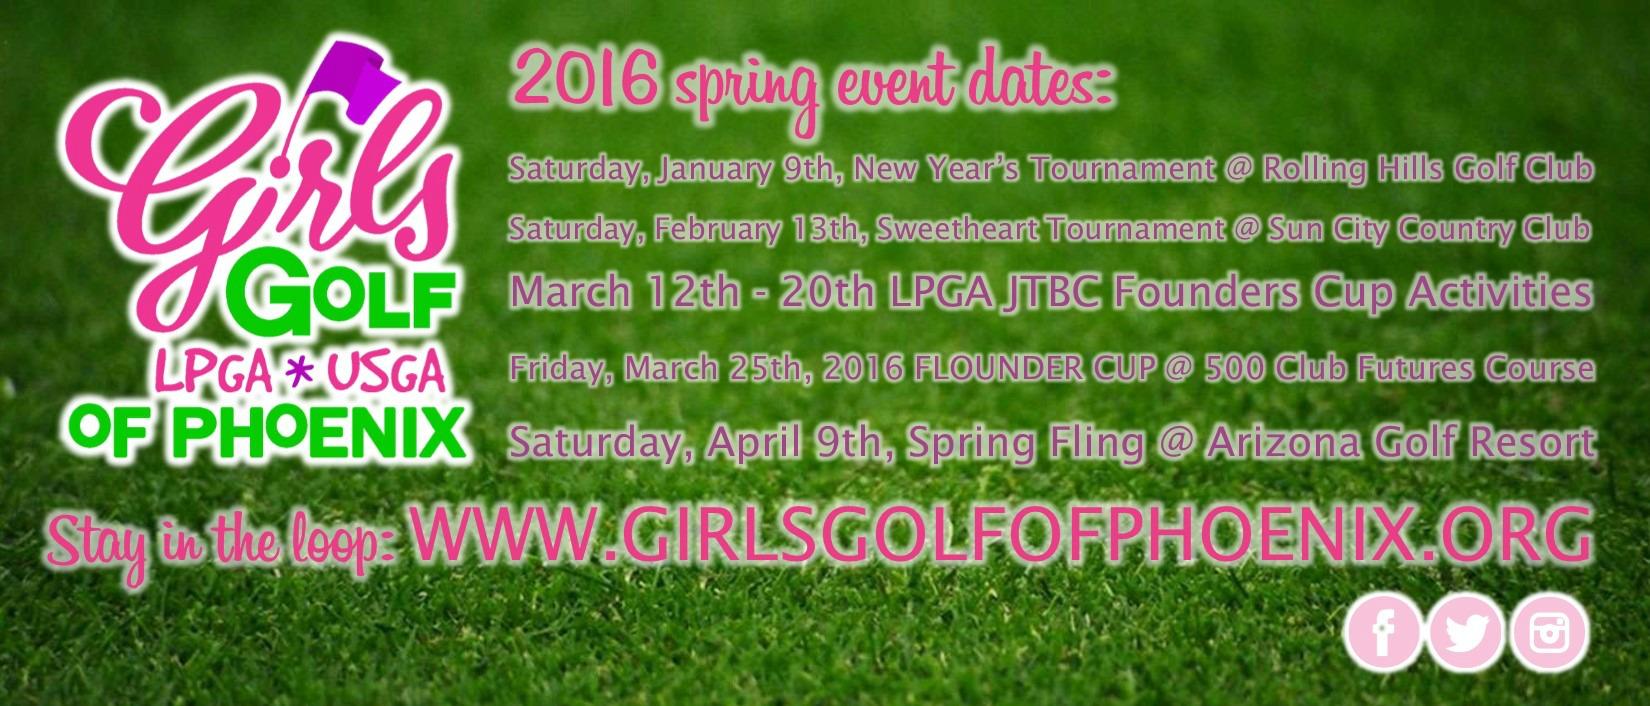 2016 Spring schedule